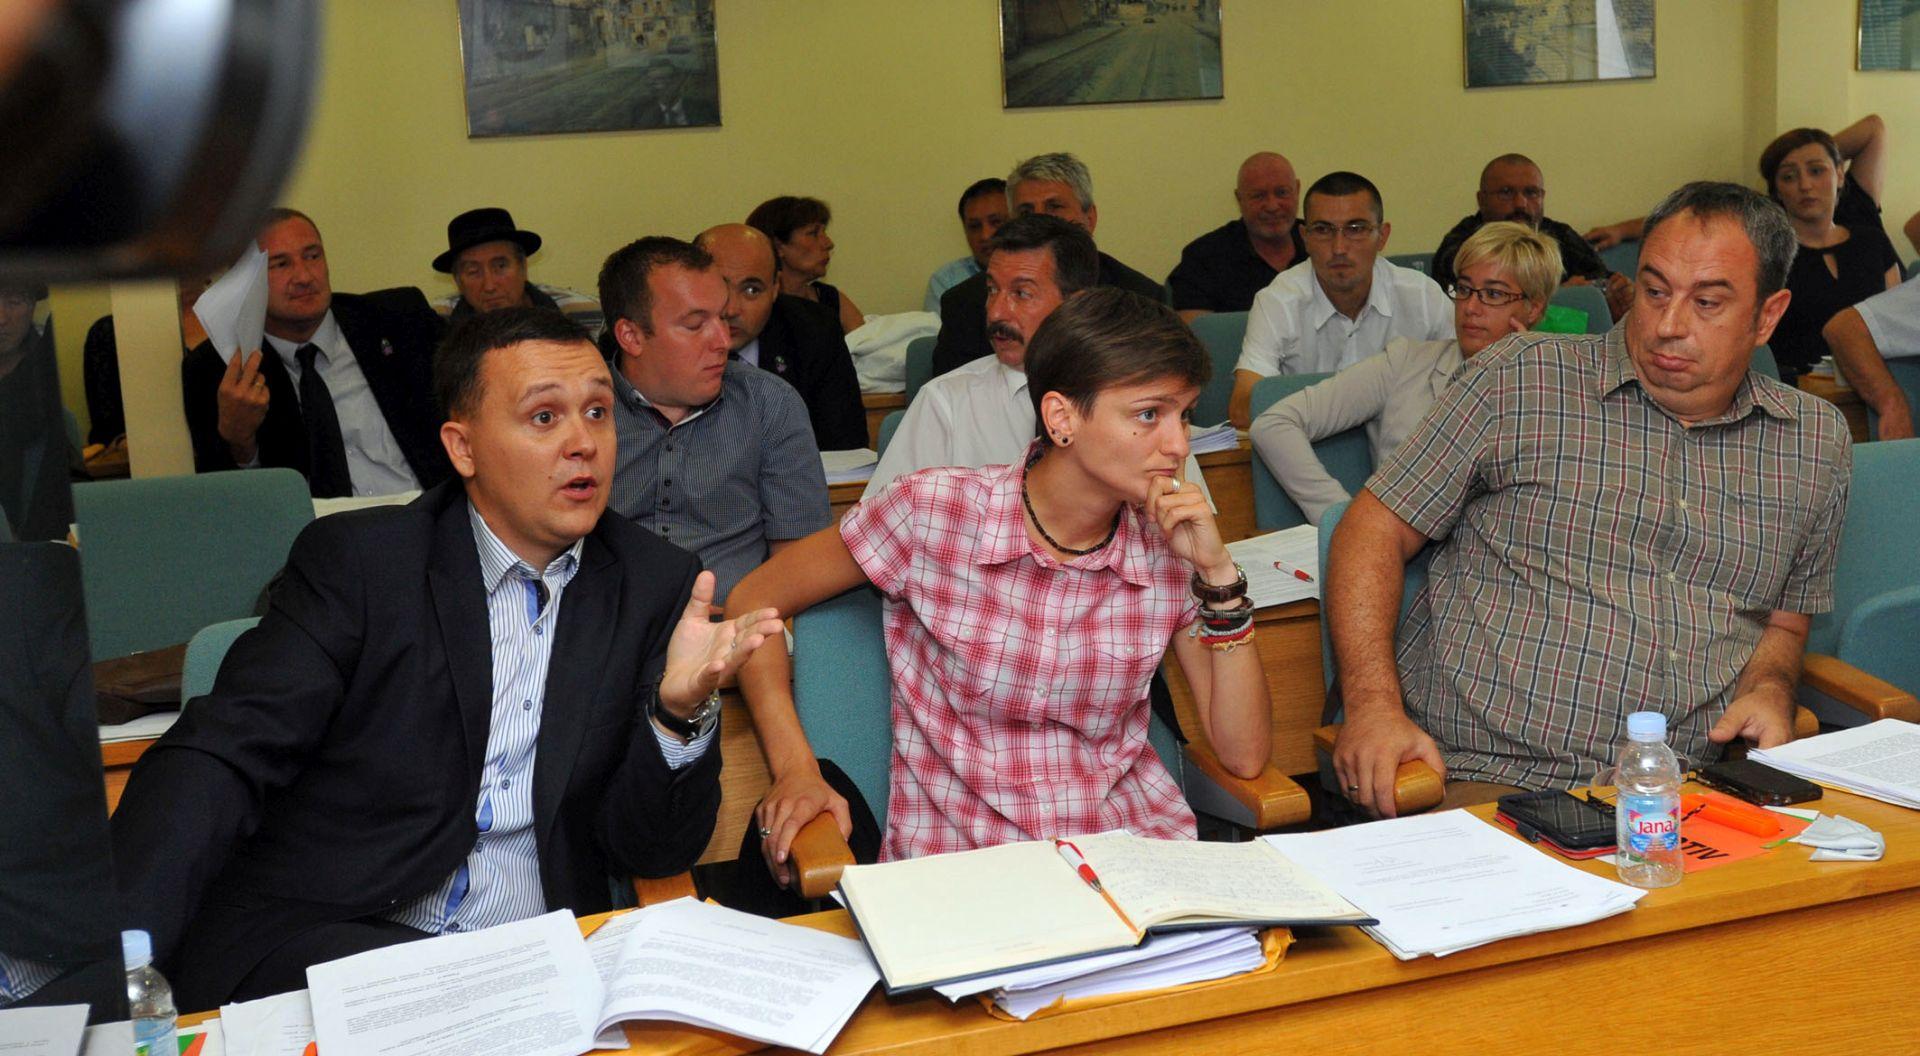 Vukovarska oporba: Izmjene Statuta manjkave i protivne demokraciji